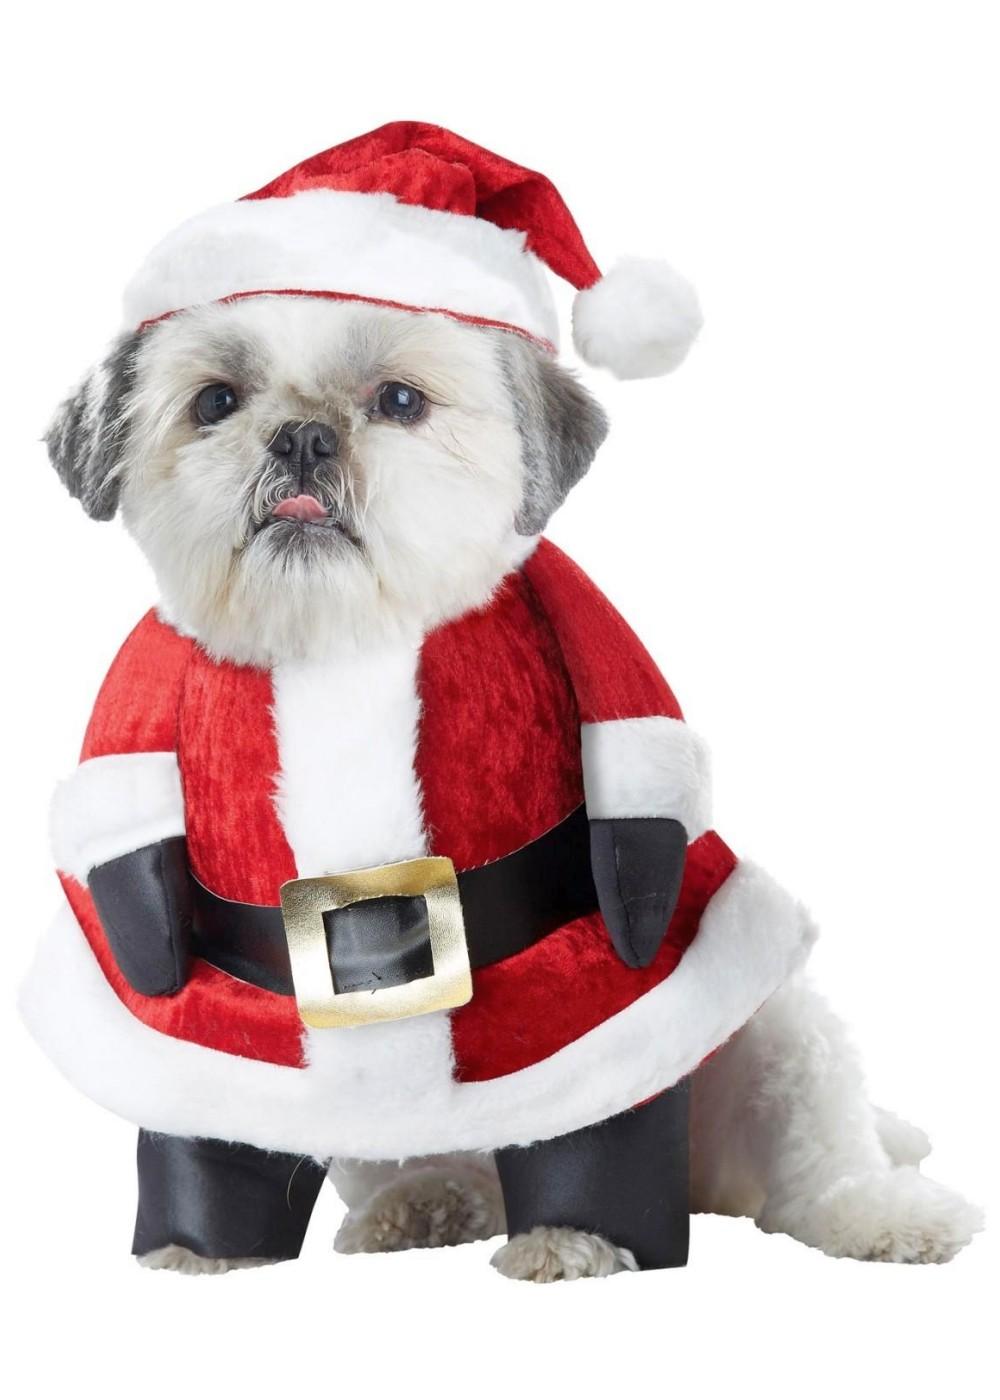 Christmas Pet Costumes.Santa Paws Christmas Pet Costume Christmas Costumes